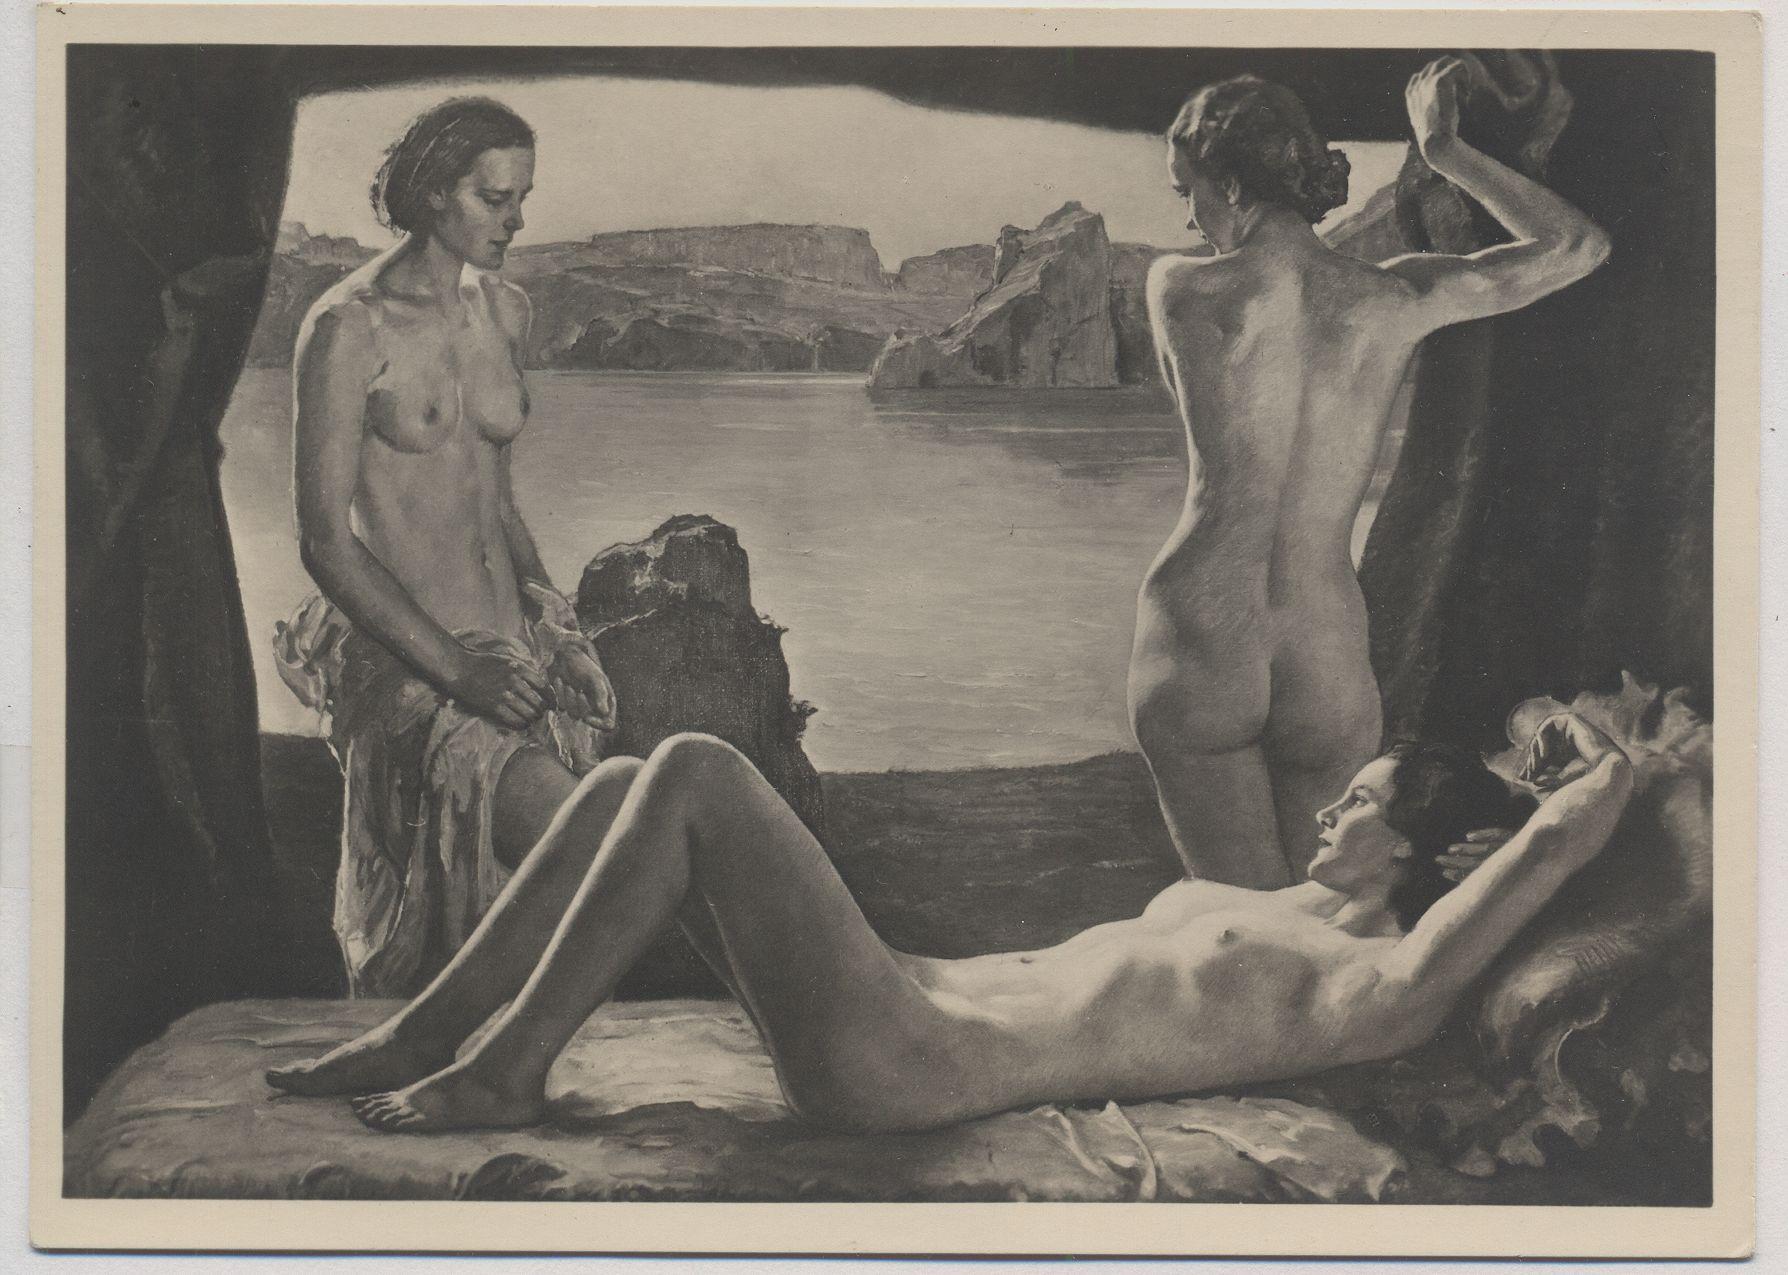 Erotische Kunst der schwarzen Frau